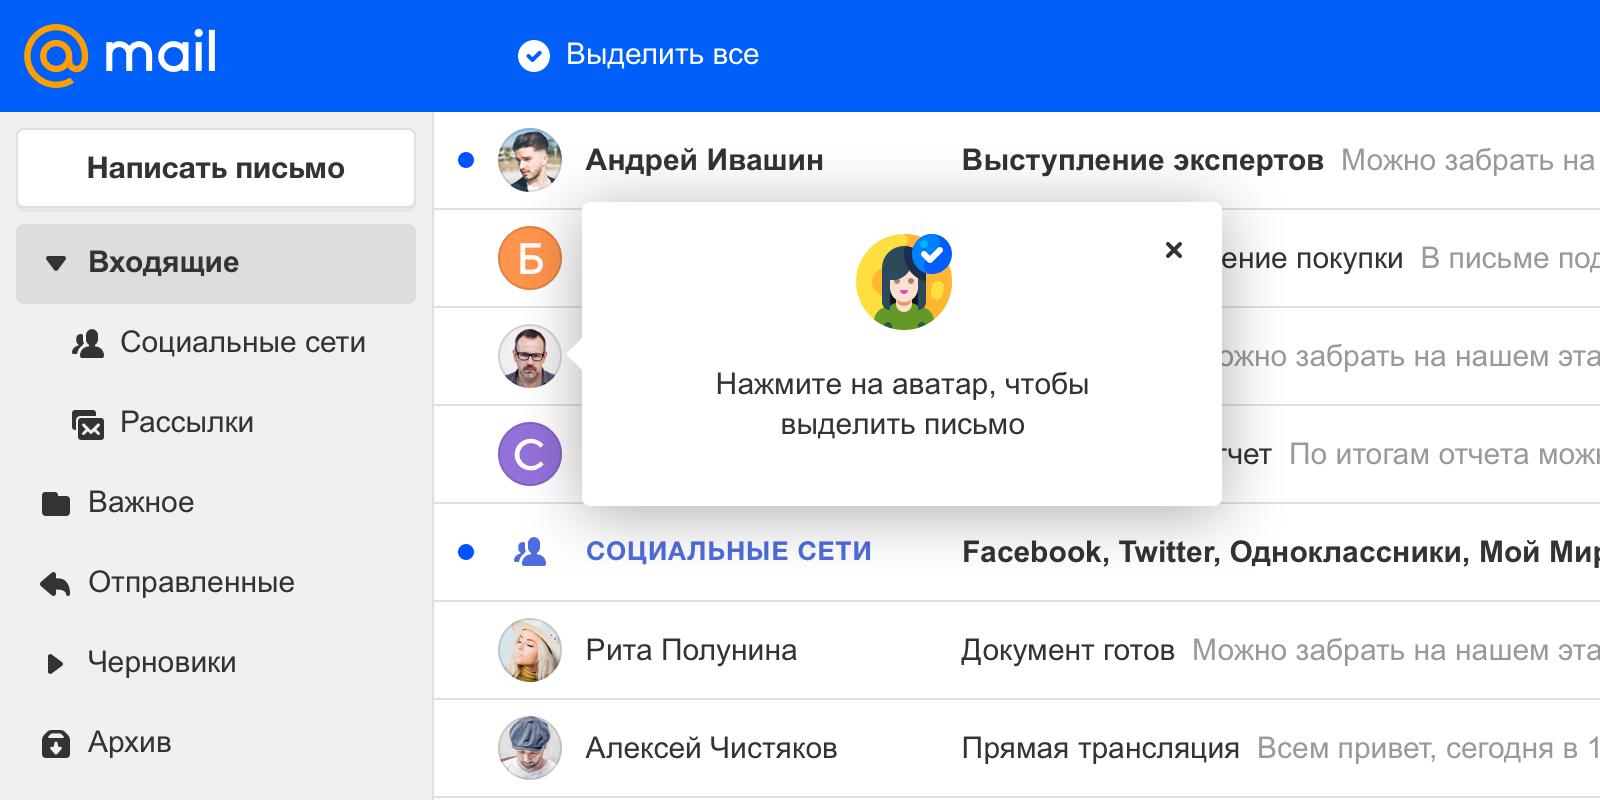 Новая Почта Mail.ru и при чем тут осьминог - 35